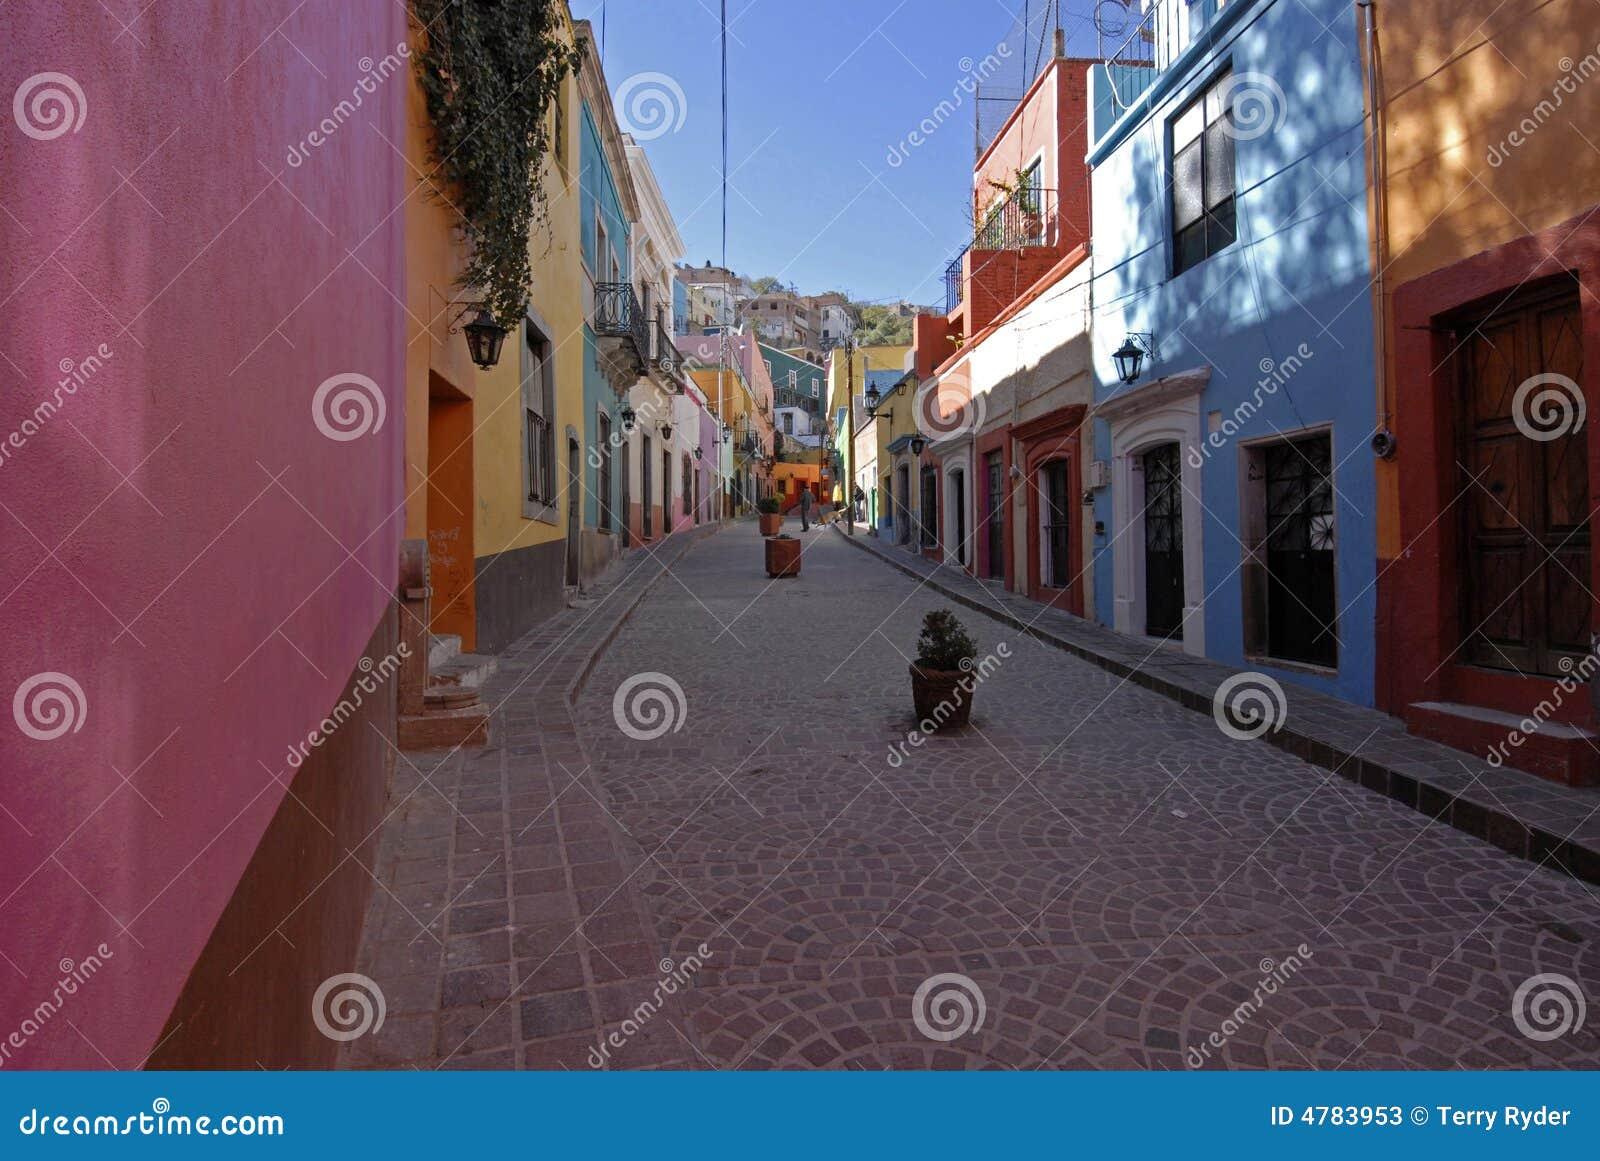 Rua colorida em México